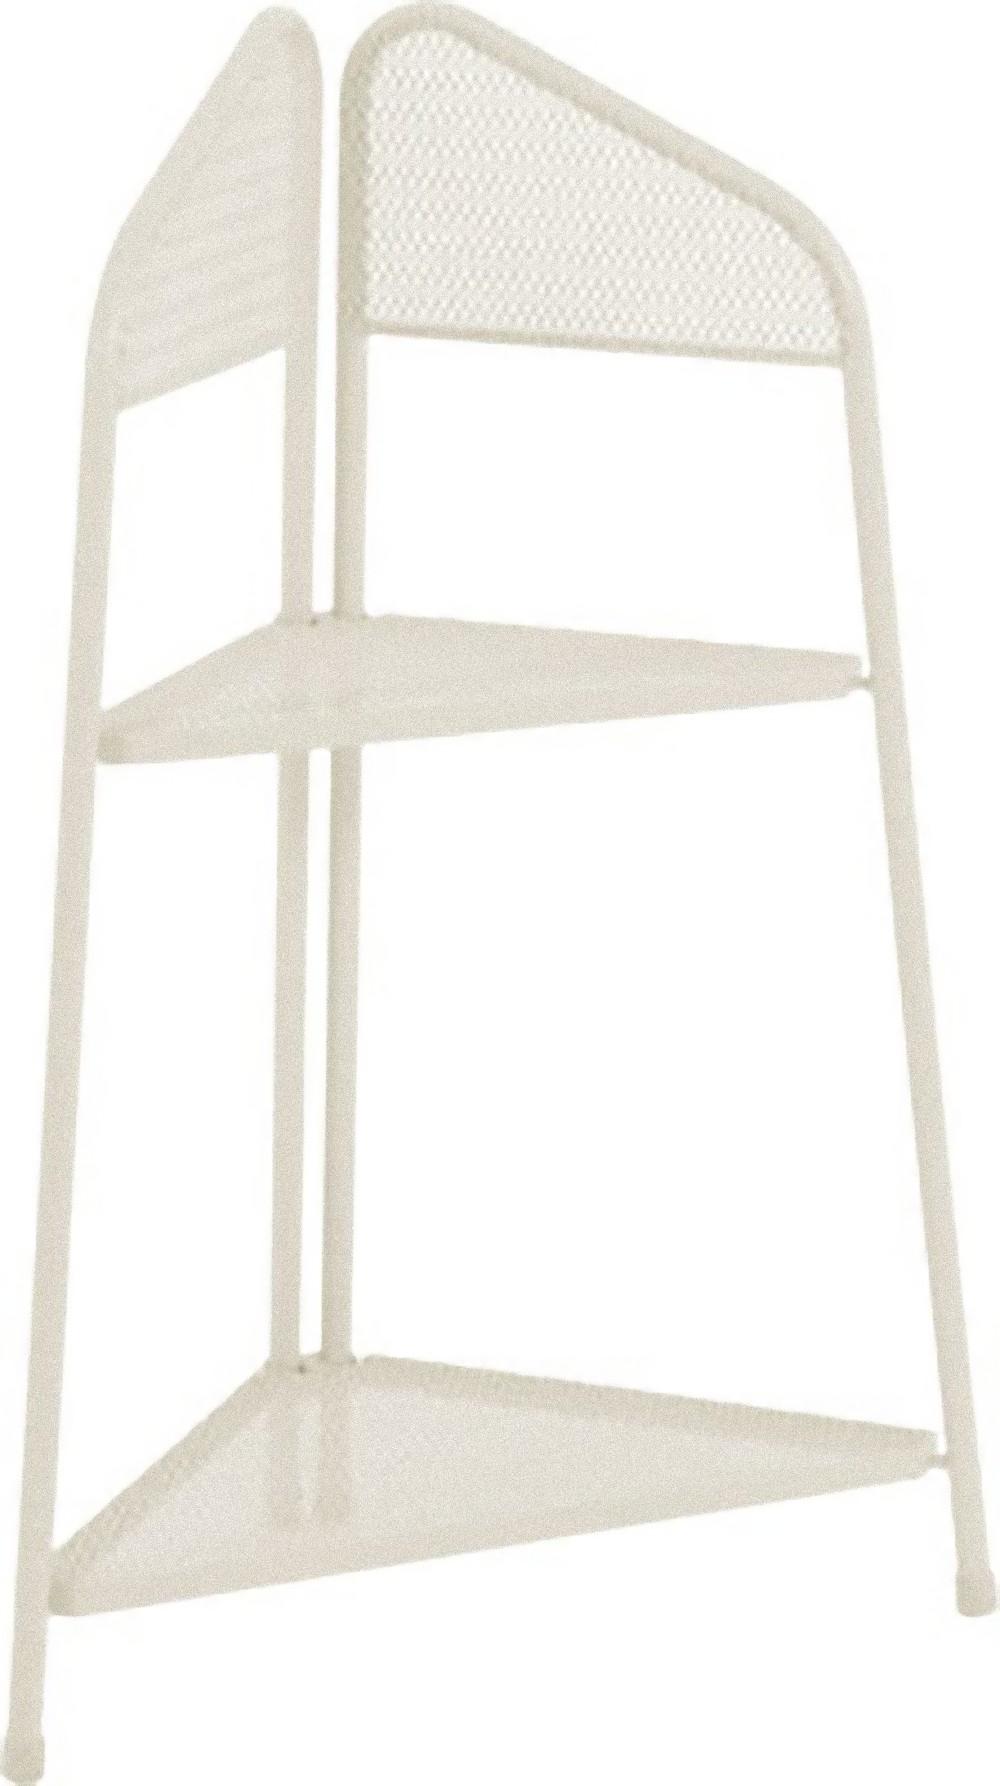 metall balkon eckregal regal standregal ablage aufbewahrung eckschrank beige dynamic. Black Bedroom Furniture Sets. Home Design Ideas